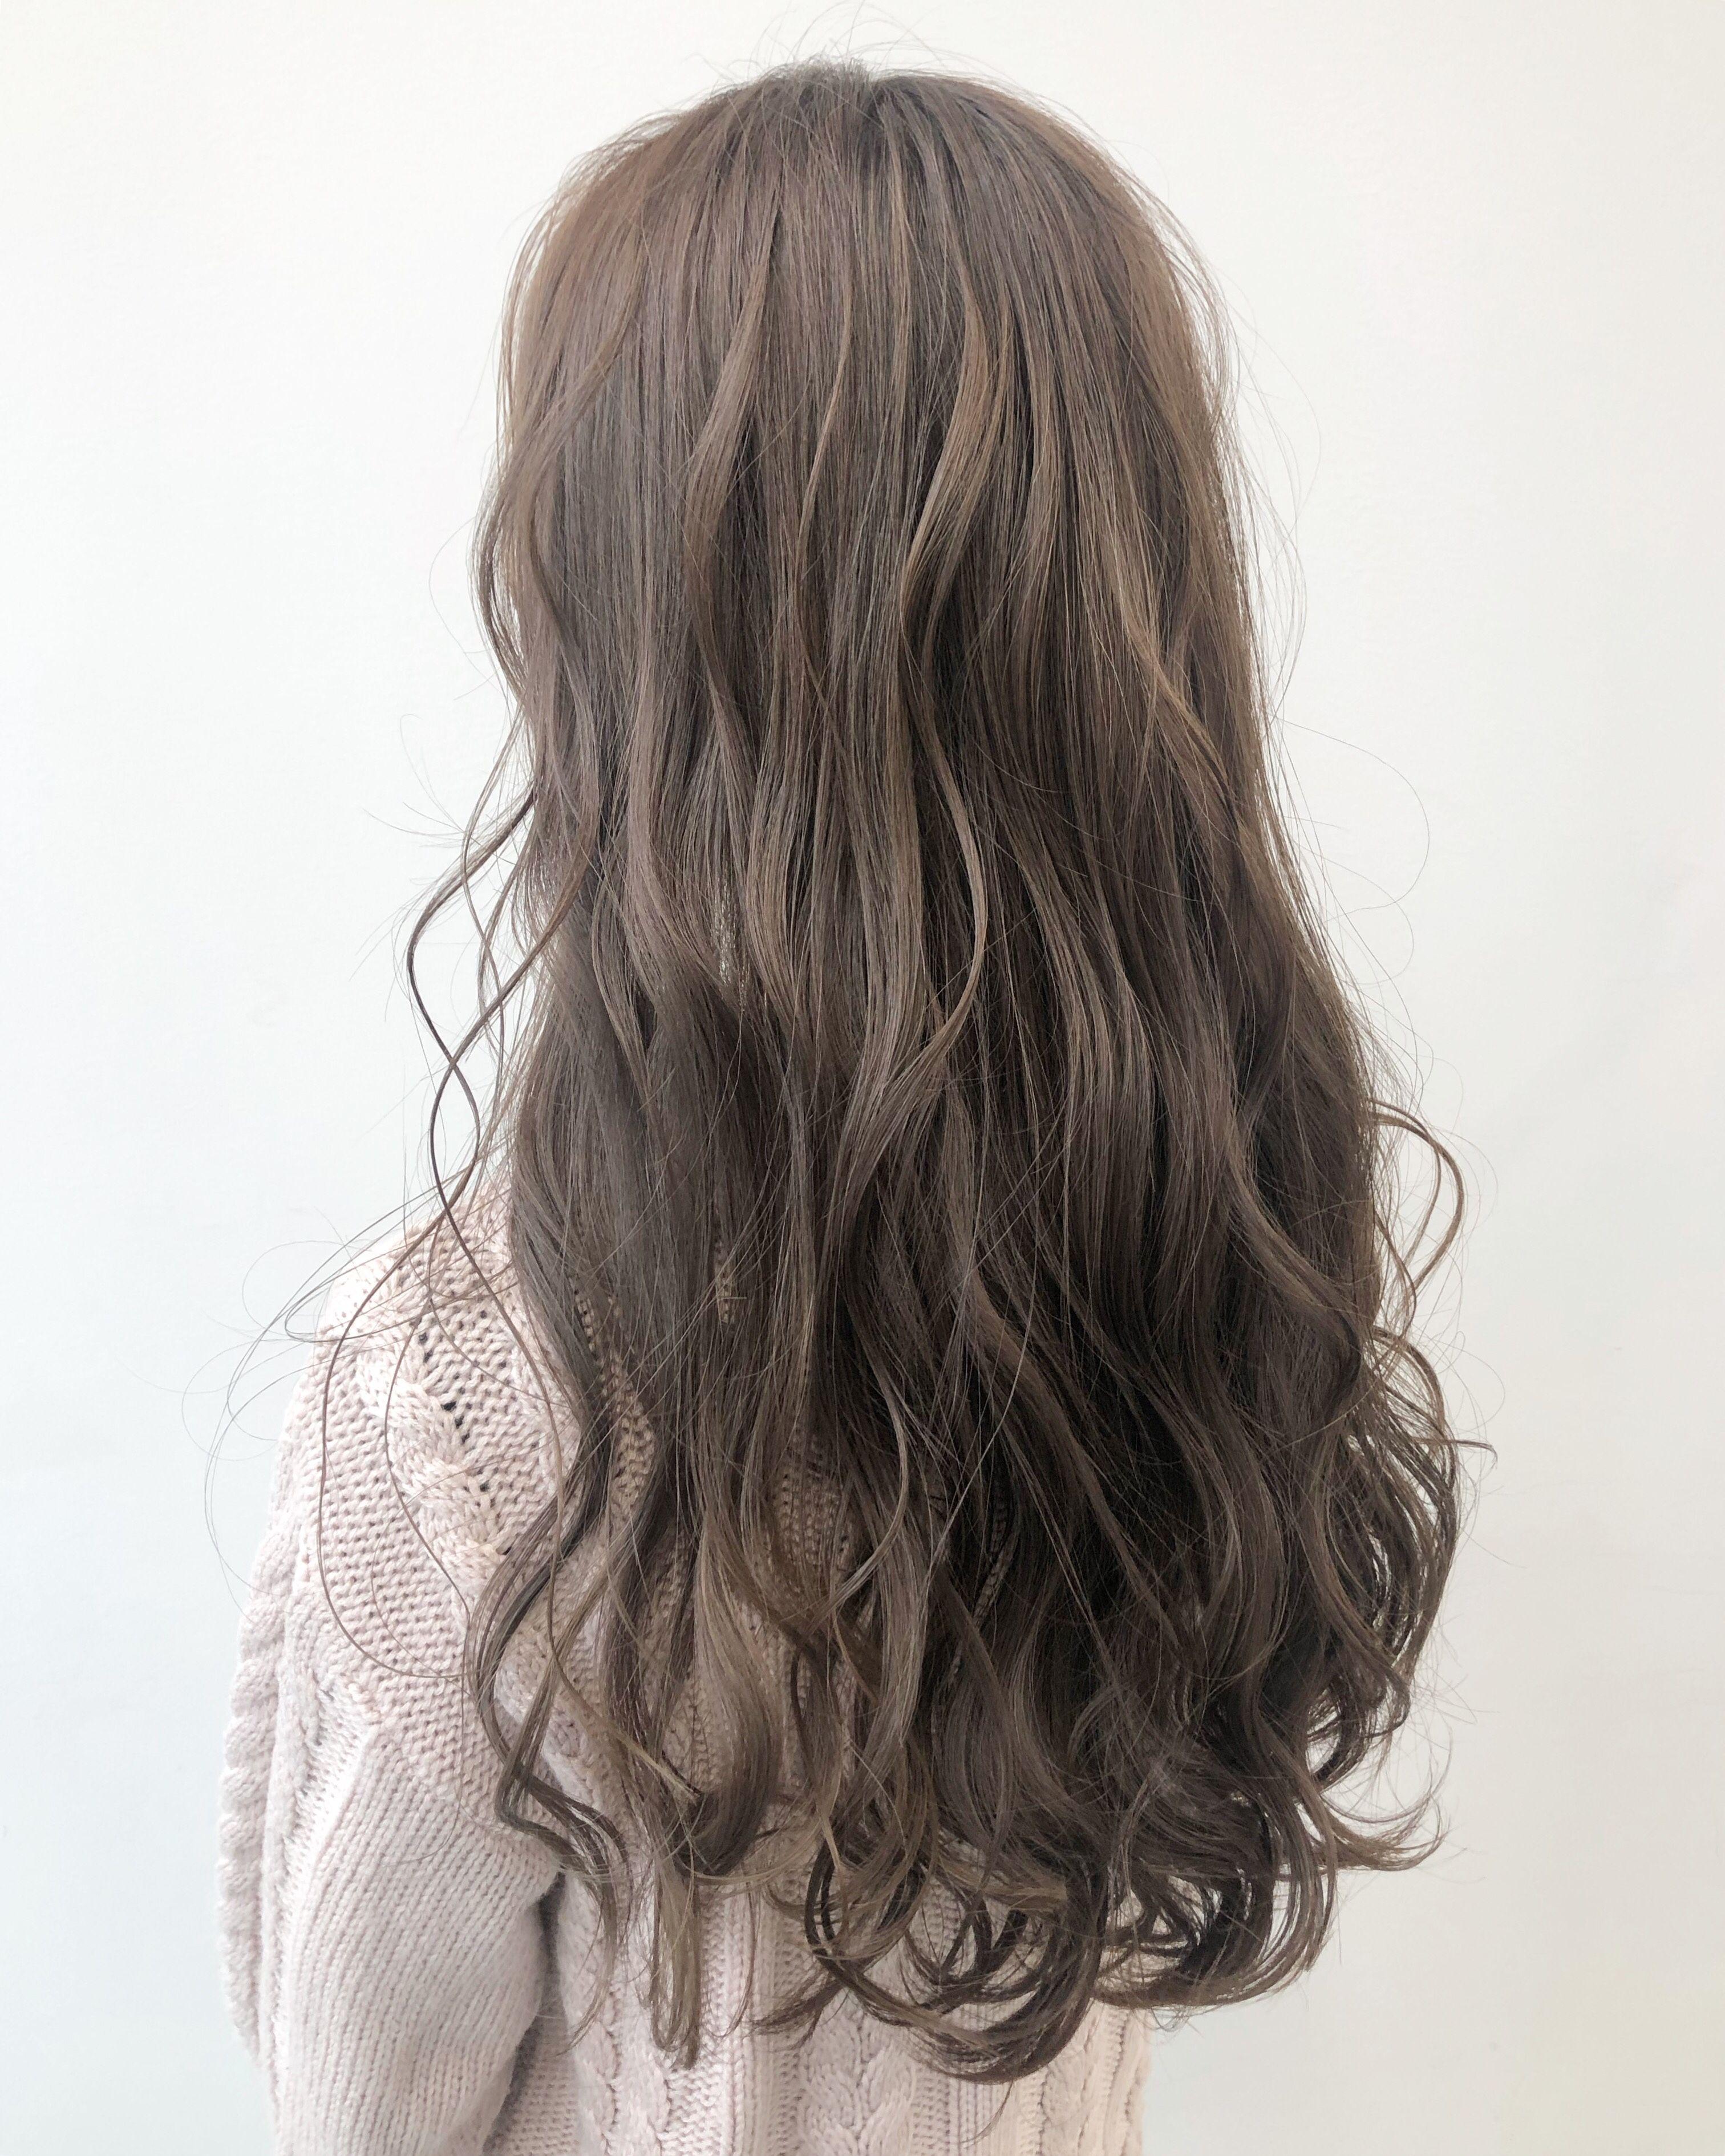 ミルクティーベージュ 外国人風カラー 髪色 ベージュ 髪型 ロング パーマ 髪色 ミルクティー